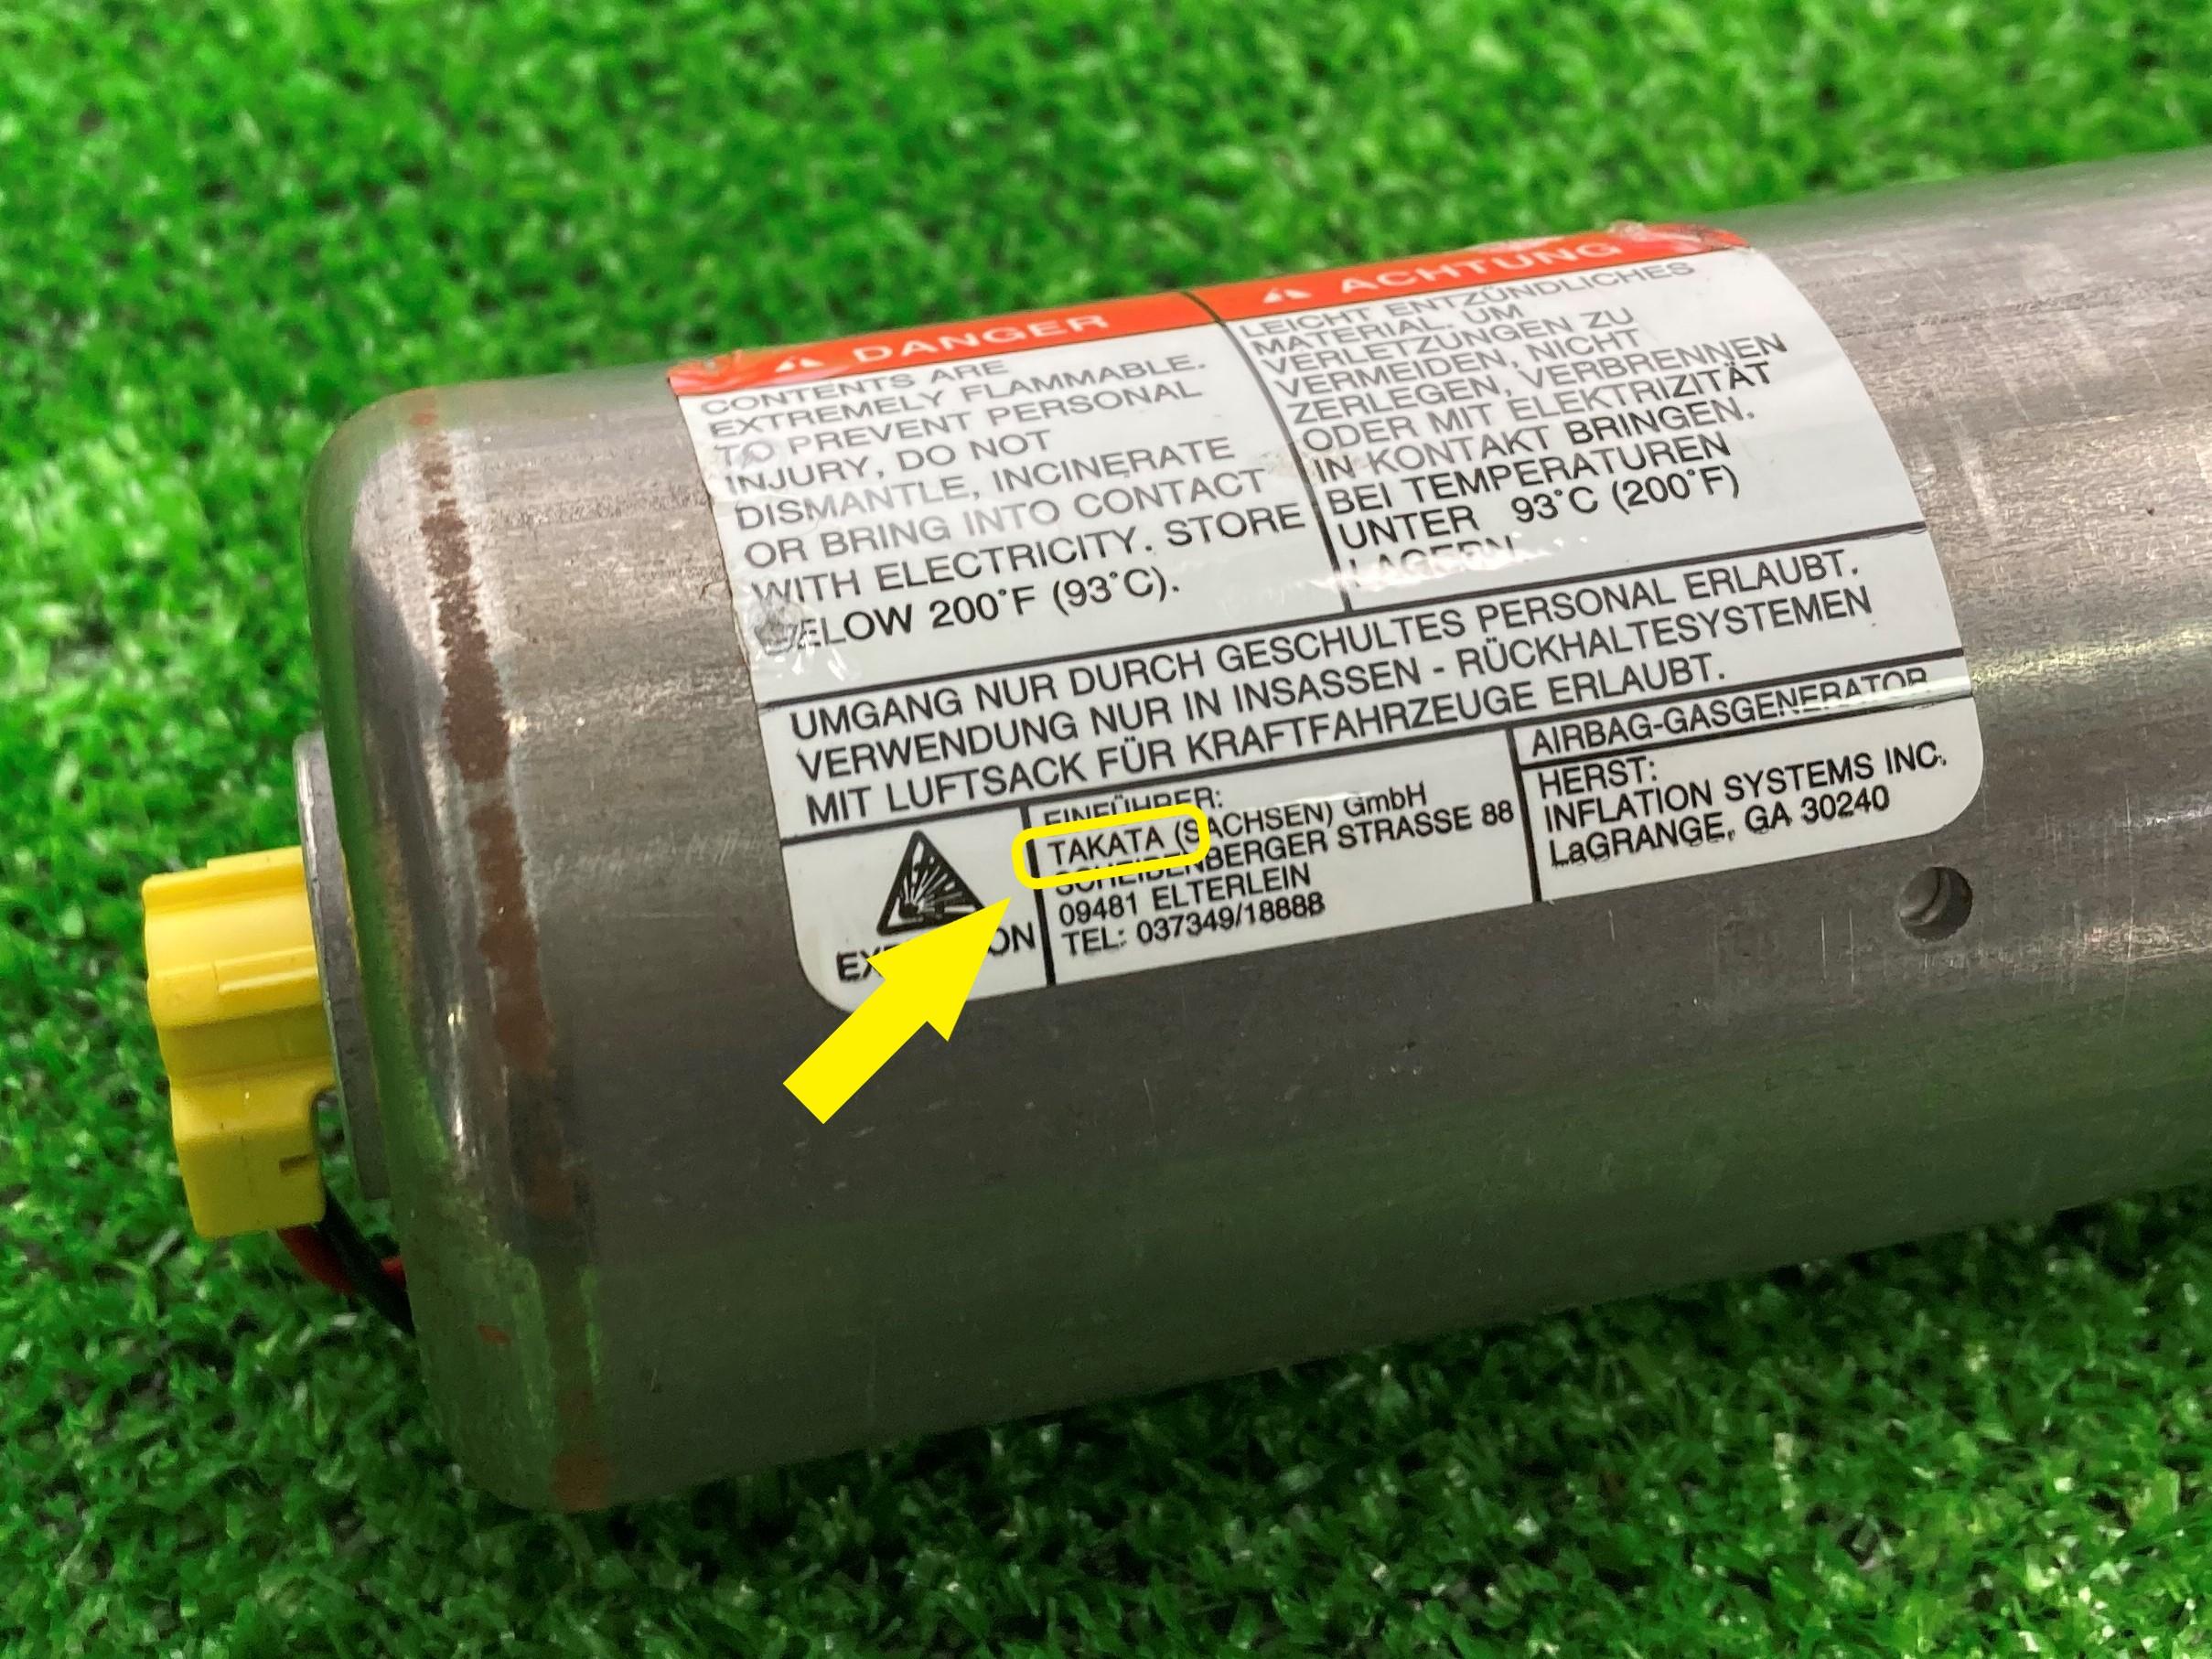 リコール対象インフレーターには「TAKATA」の社名が確認できる(黄色い枠部分)